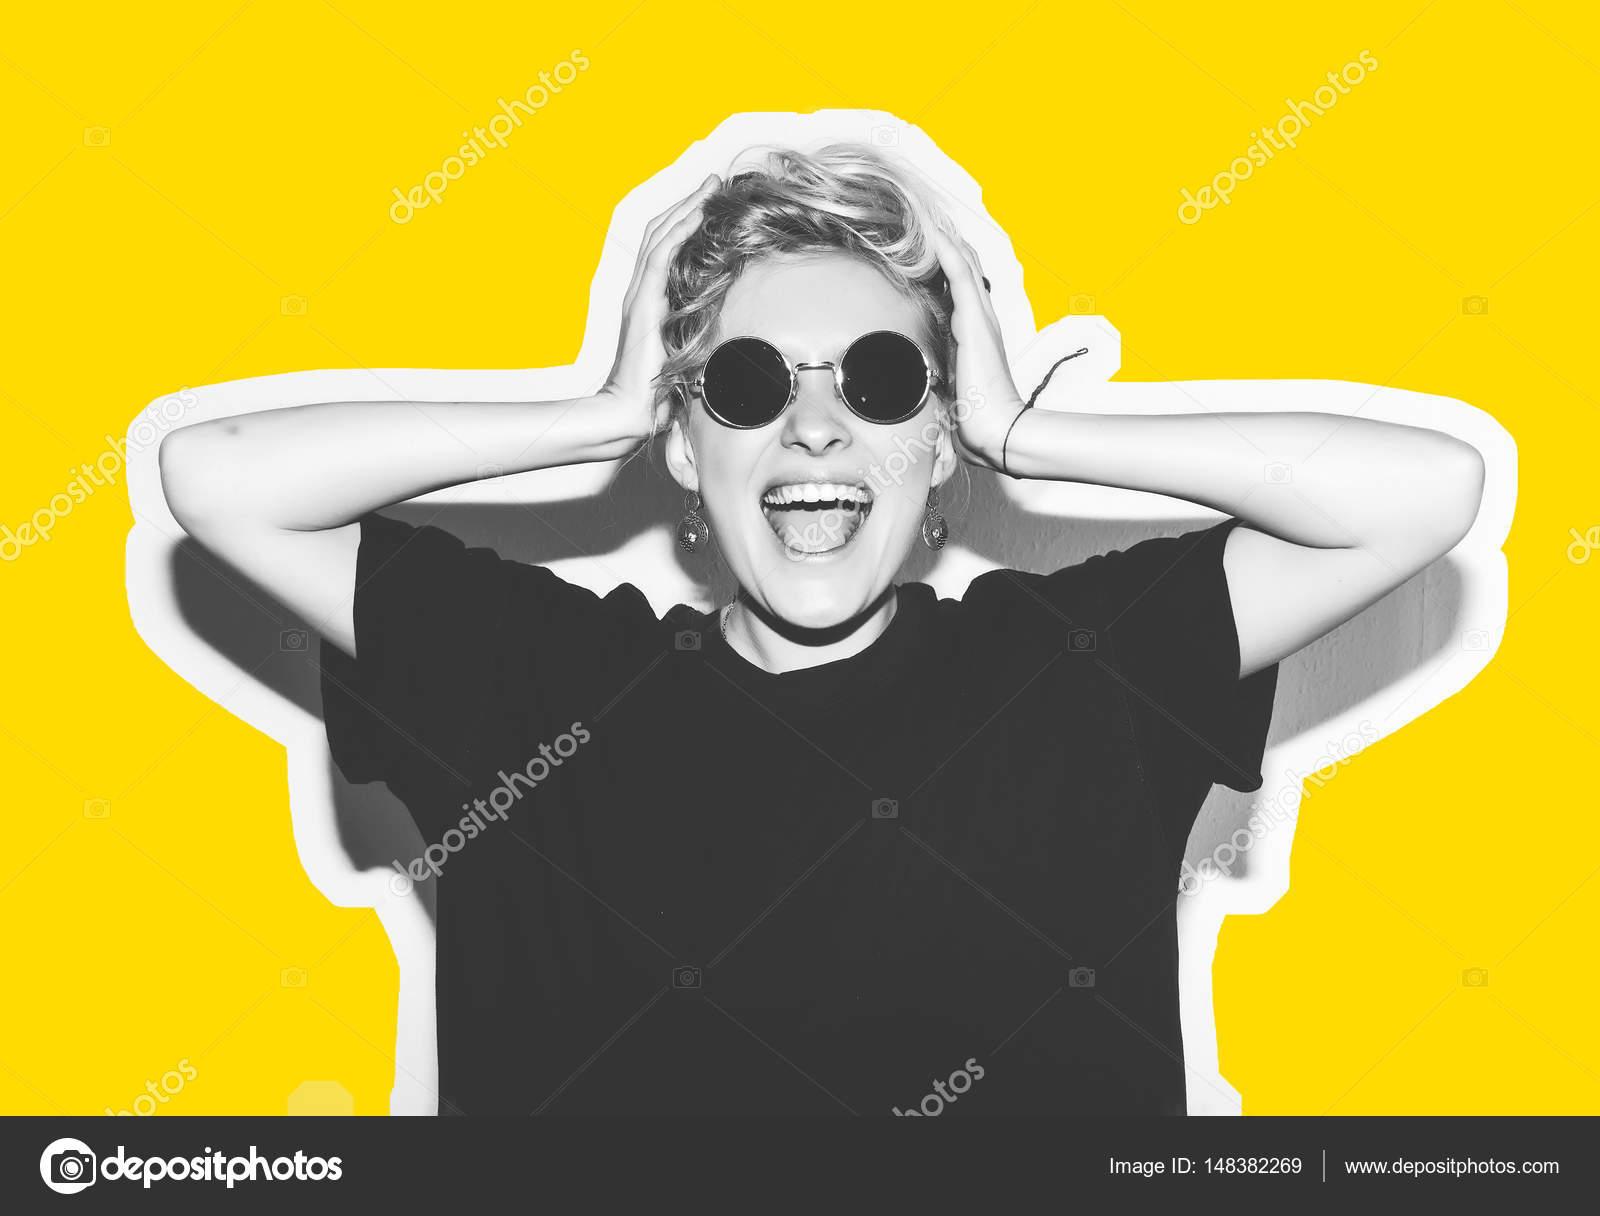 1d599e53 Rubia de moda elegante con collage de colores de pelo corto. Niña loca en  un negro camiseta y roca gafas de sol grito sosteniendo su cabeza.